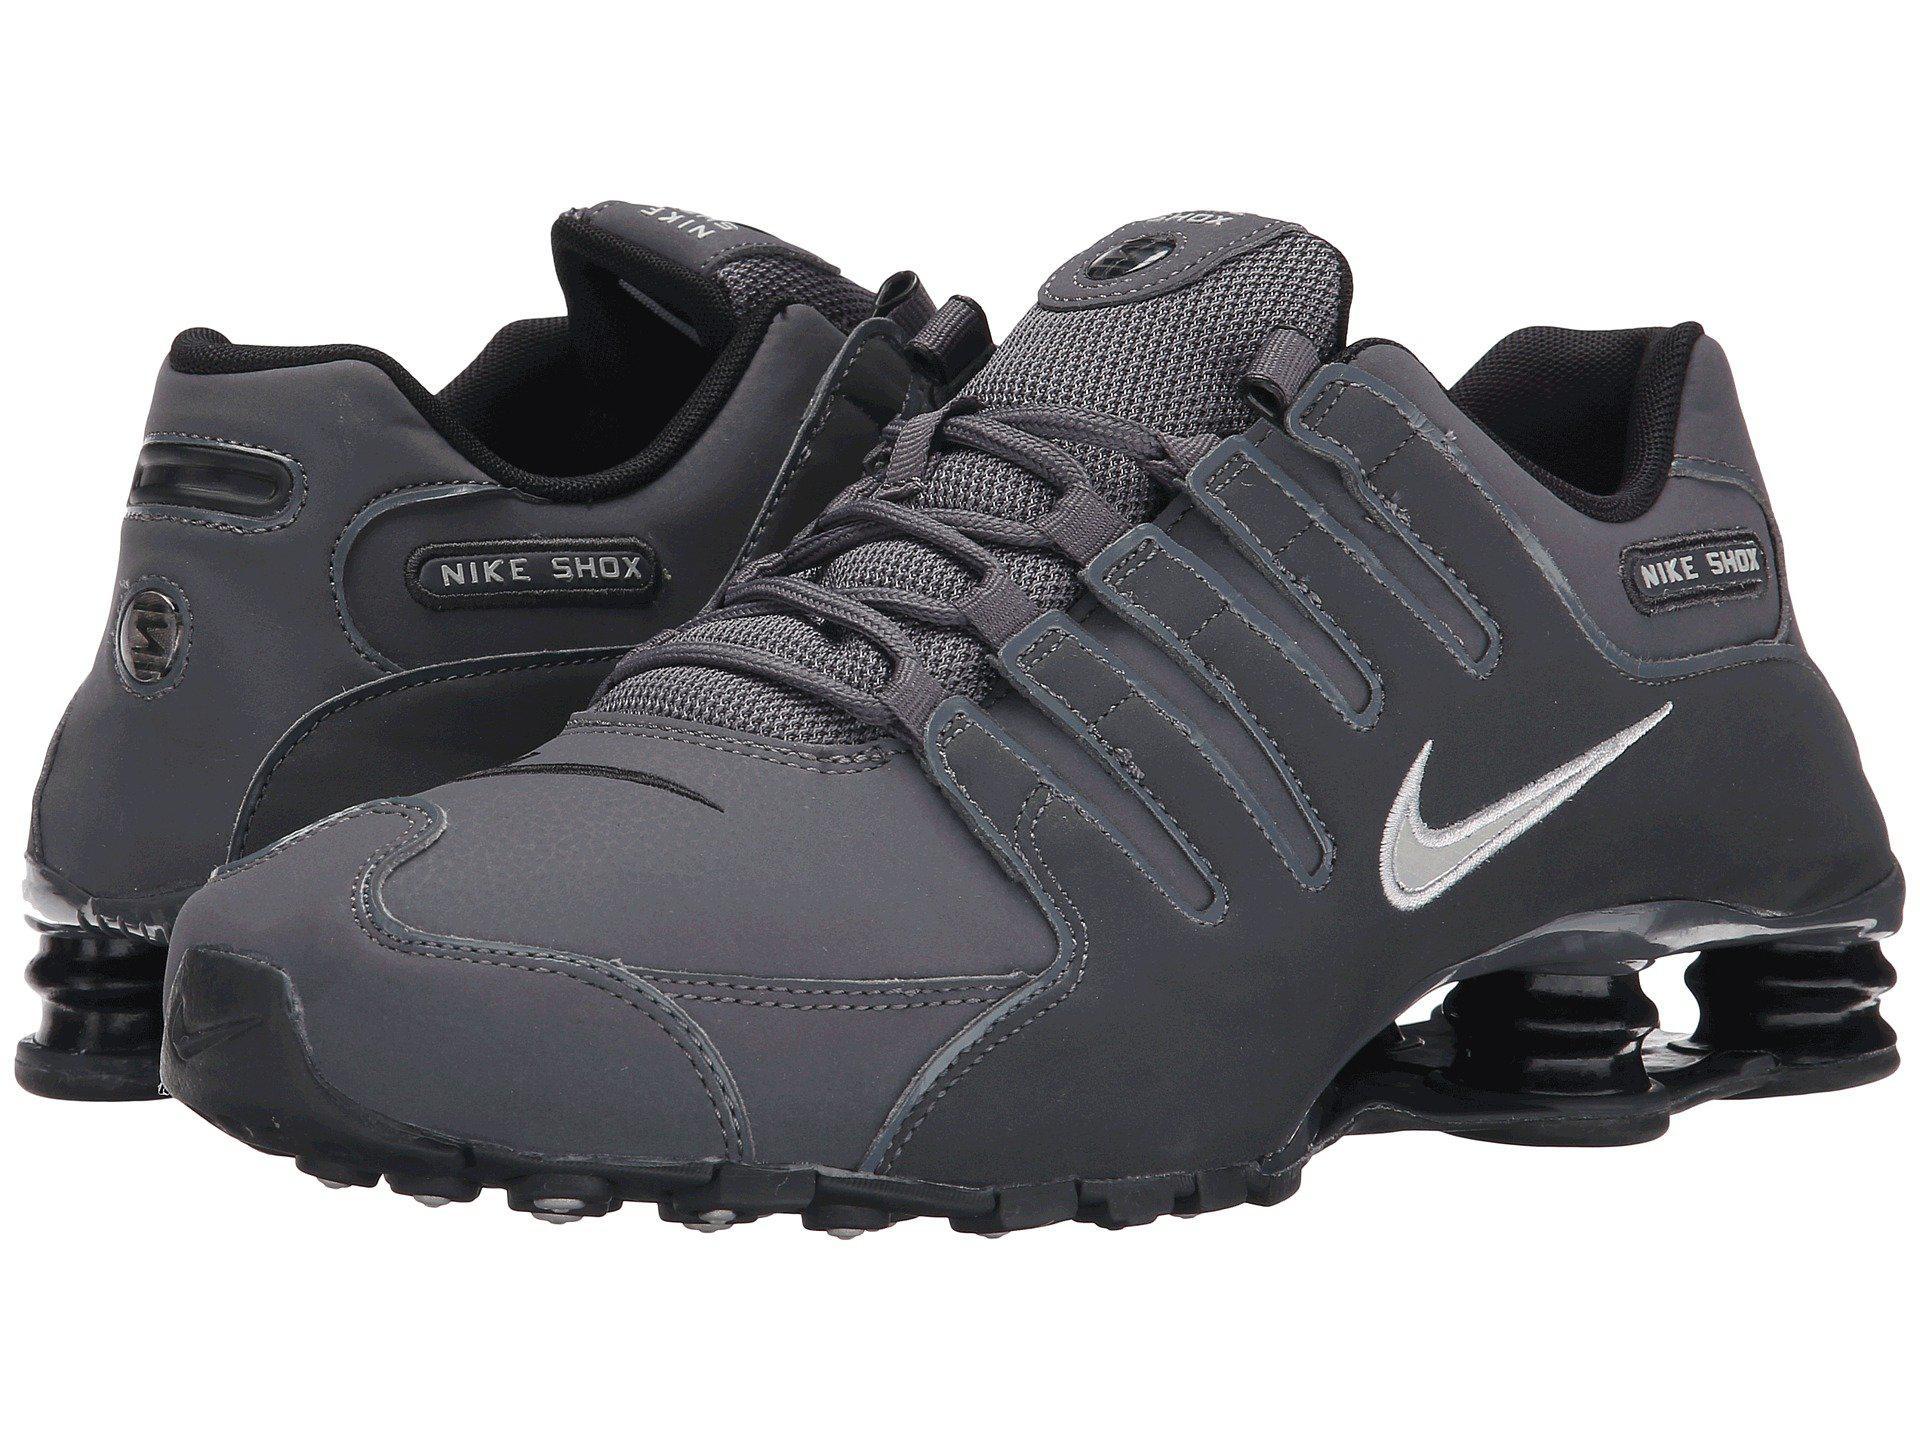 buy online 4ad56 893e5 ... czech lyst nike shox nz in gray for men 89435 352ec